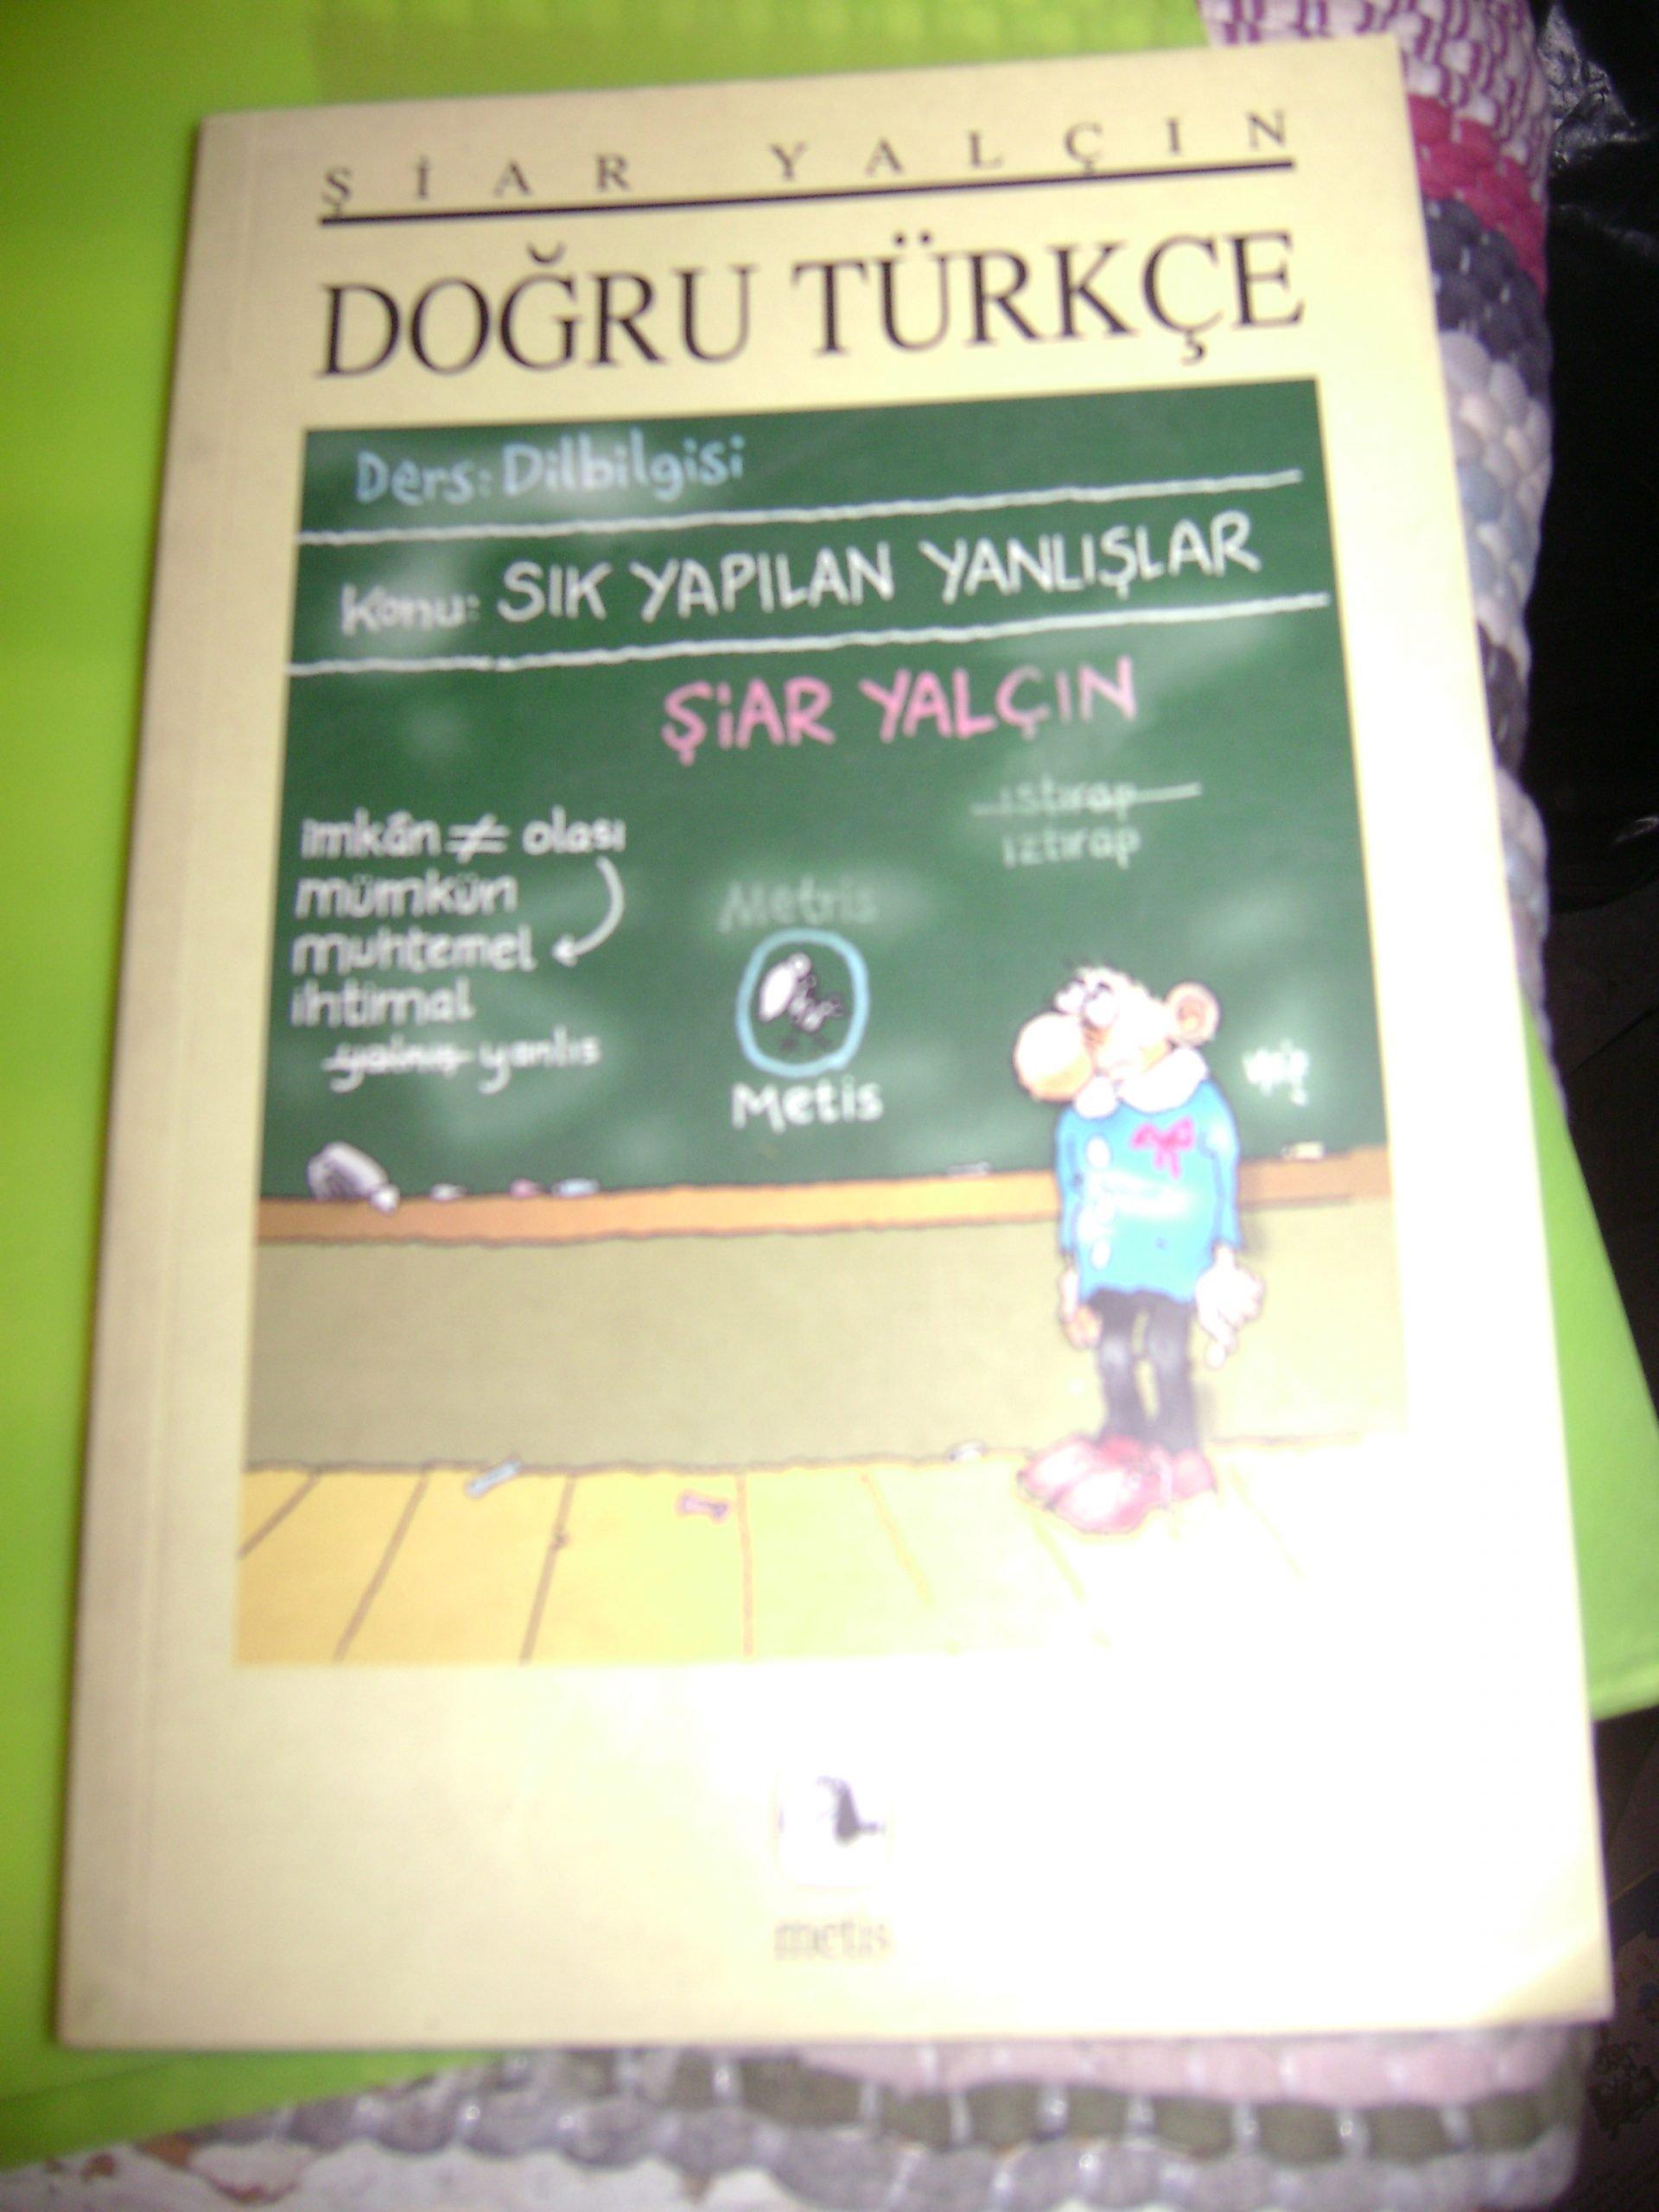 DOĞRU TÜRKÇE/Şiar YALÇIN/15 tl